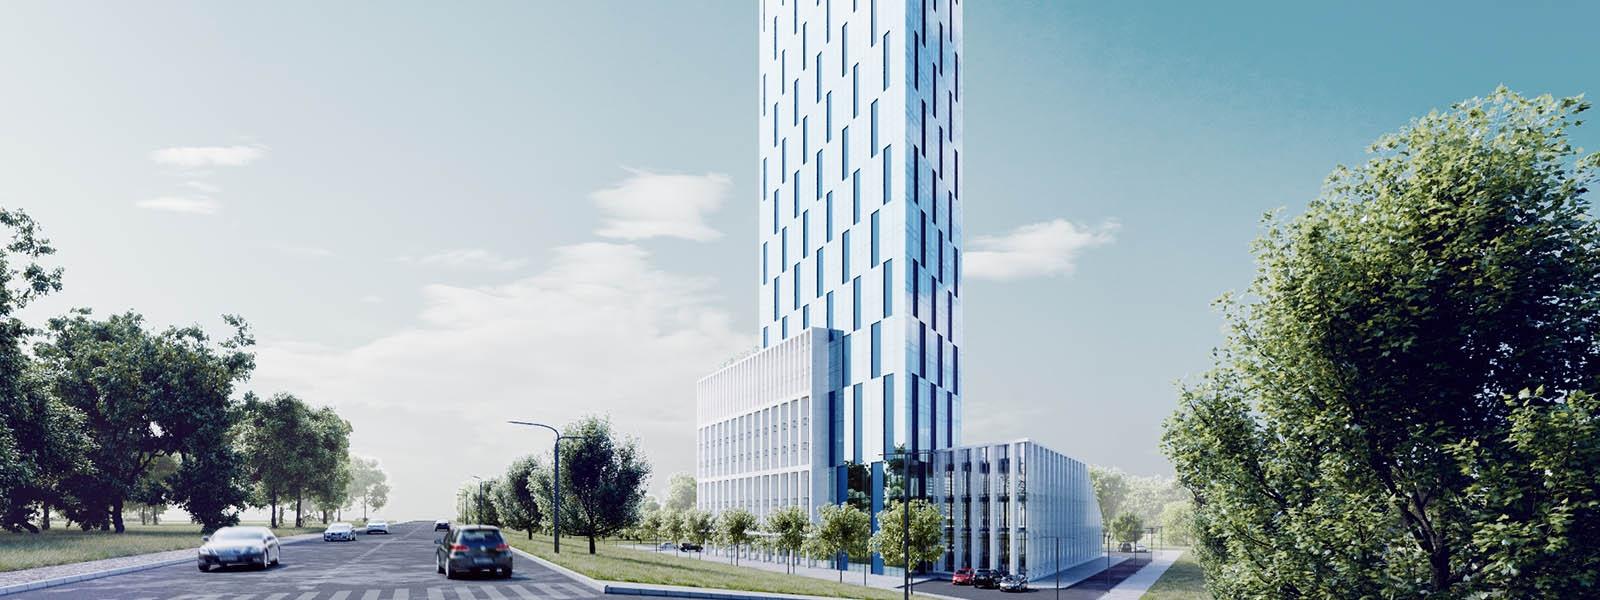 work-Многофункциональный административно-деловой комплекс в Иркутске